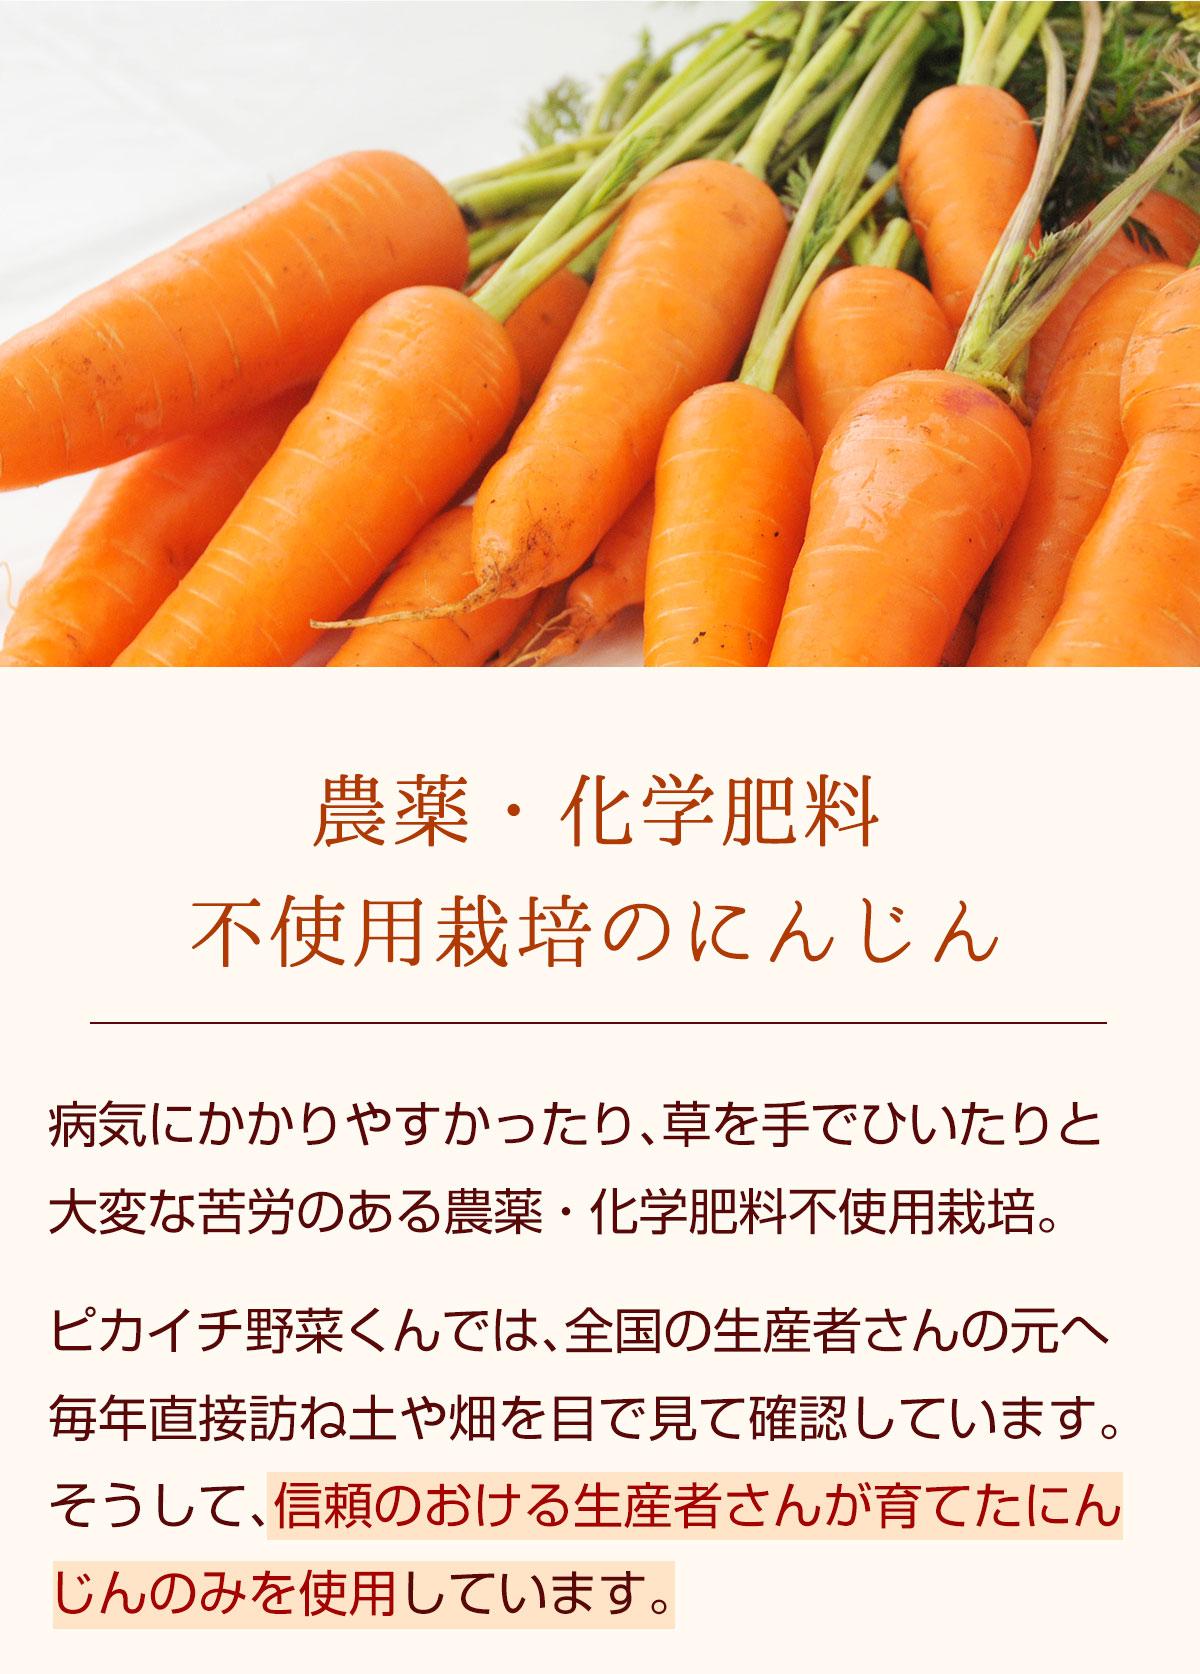 農薬・化学肥料不使用栽培のにんじん